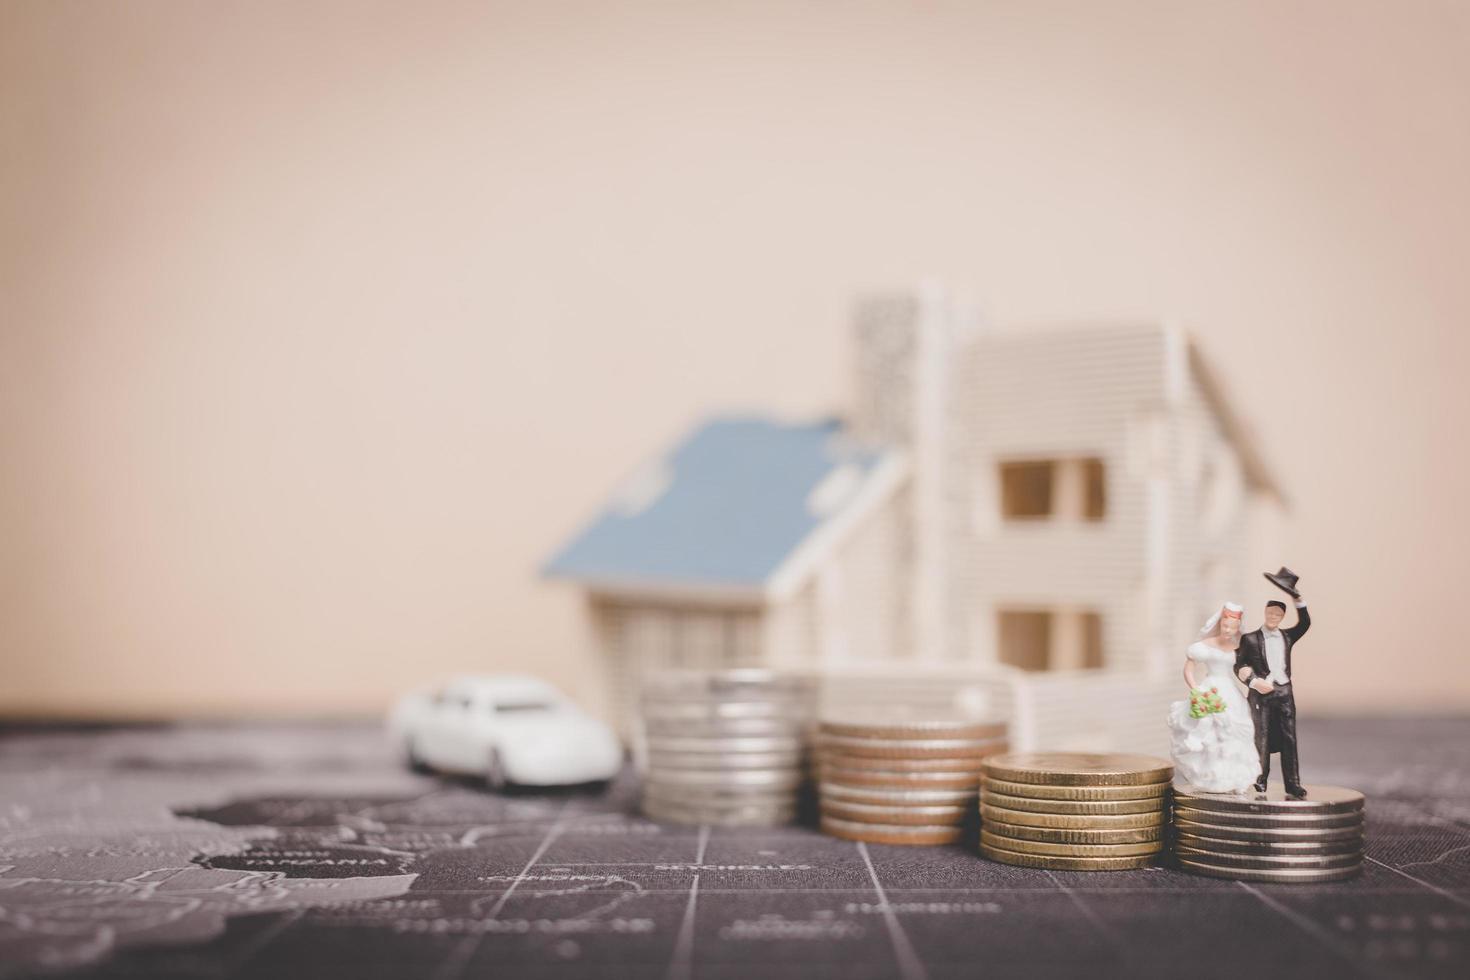 Novios en miniatura con monedas en frente de una casa, concepto de familia exitosa foto